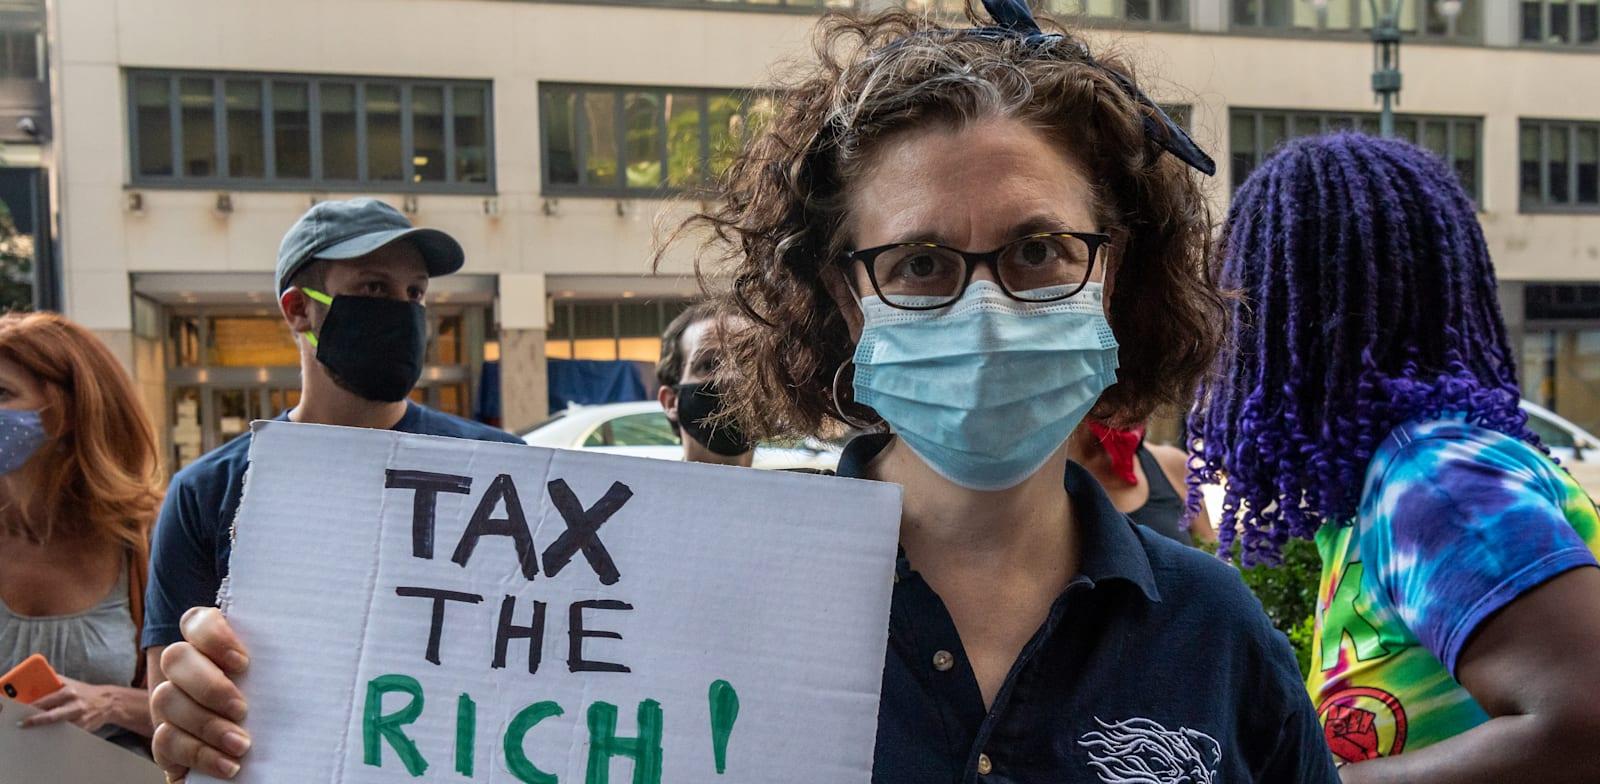 הפנה במנהטן נגד הקיצוצים שהנהיג המושל  קואומו  ובעד מיסוי עשירים / צילום: Reuters, Gabriele Holtermann/Sipa USA